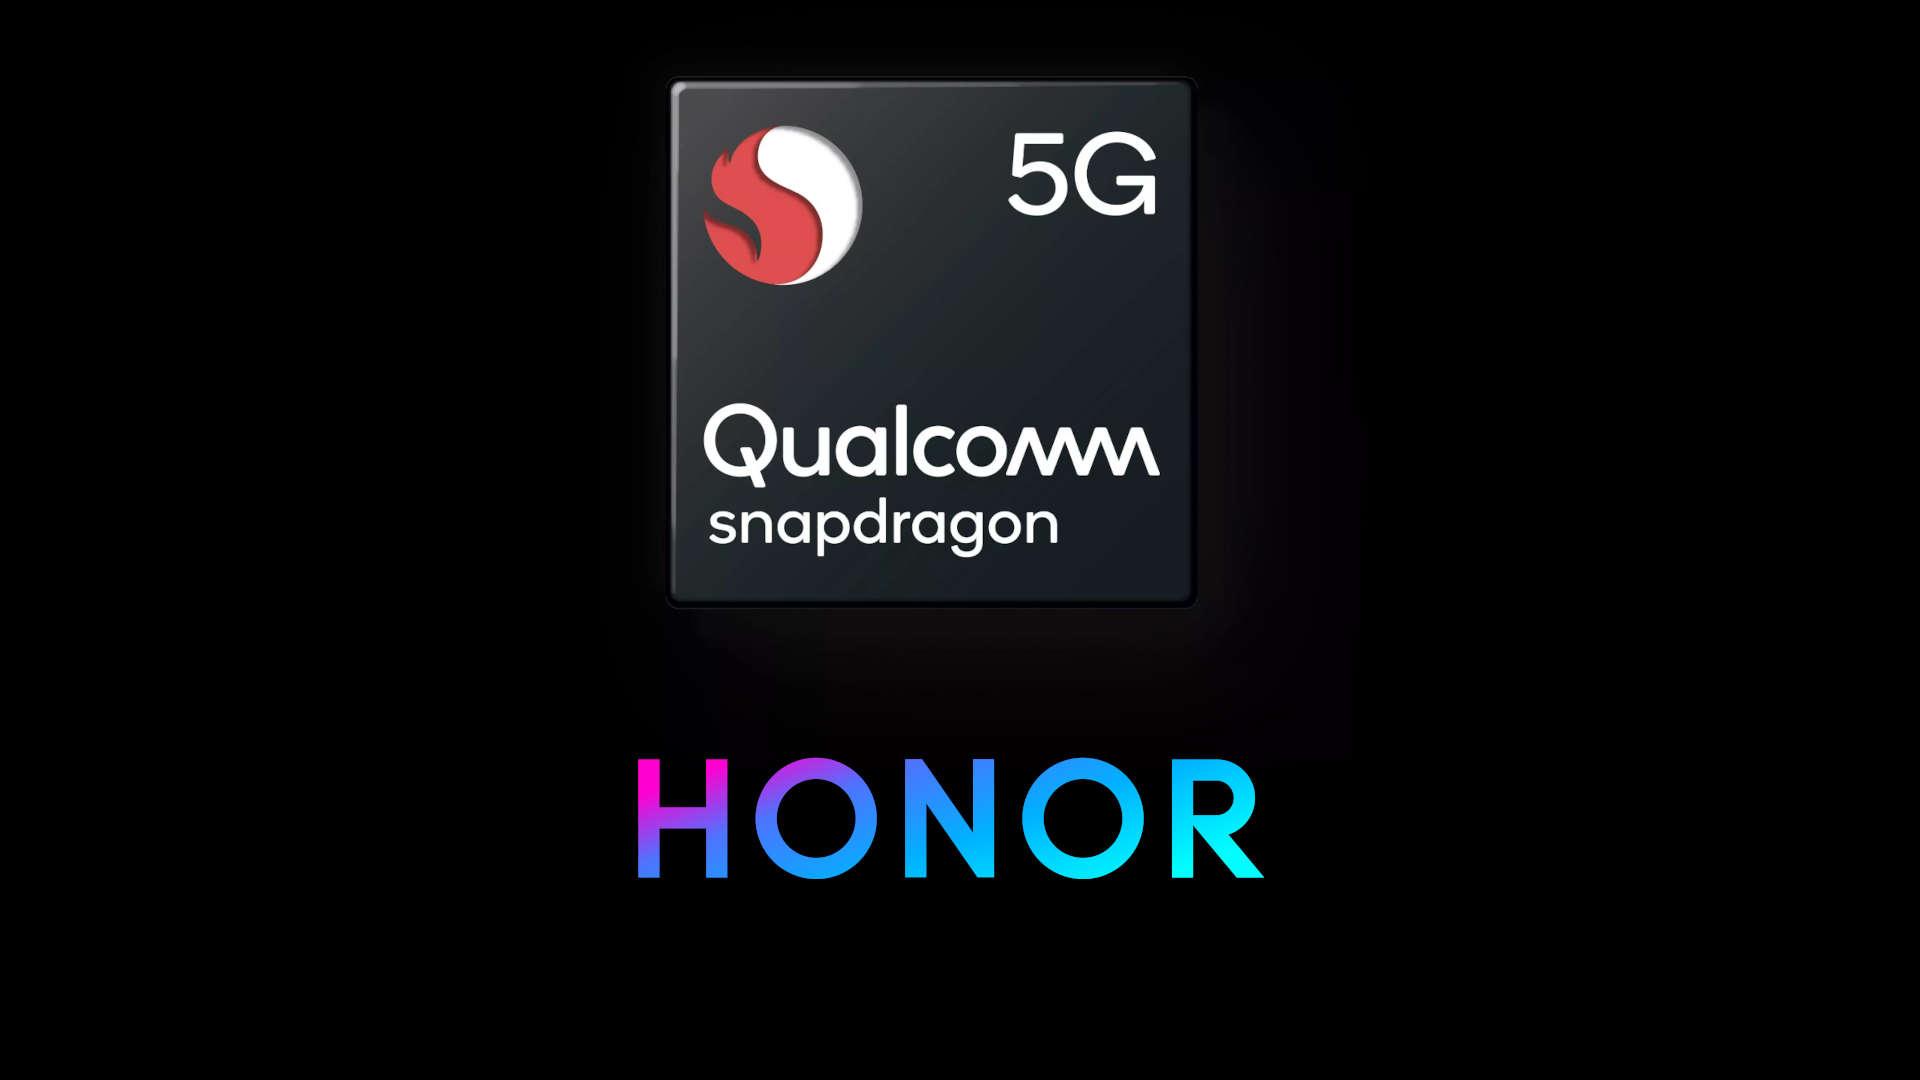 En 2021 podrían llegar dispositivos Honor con Snapdragon